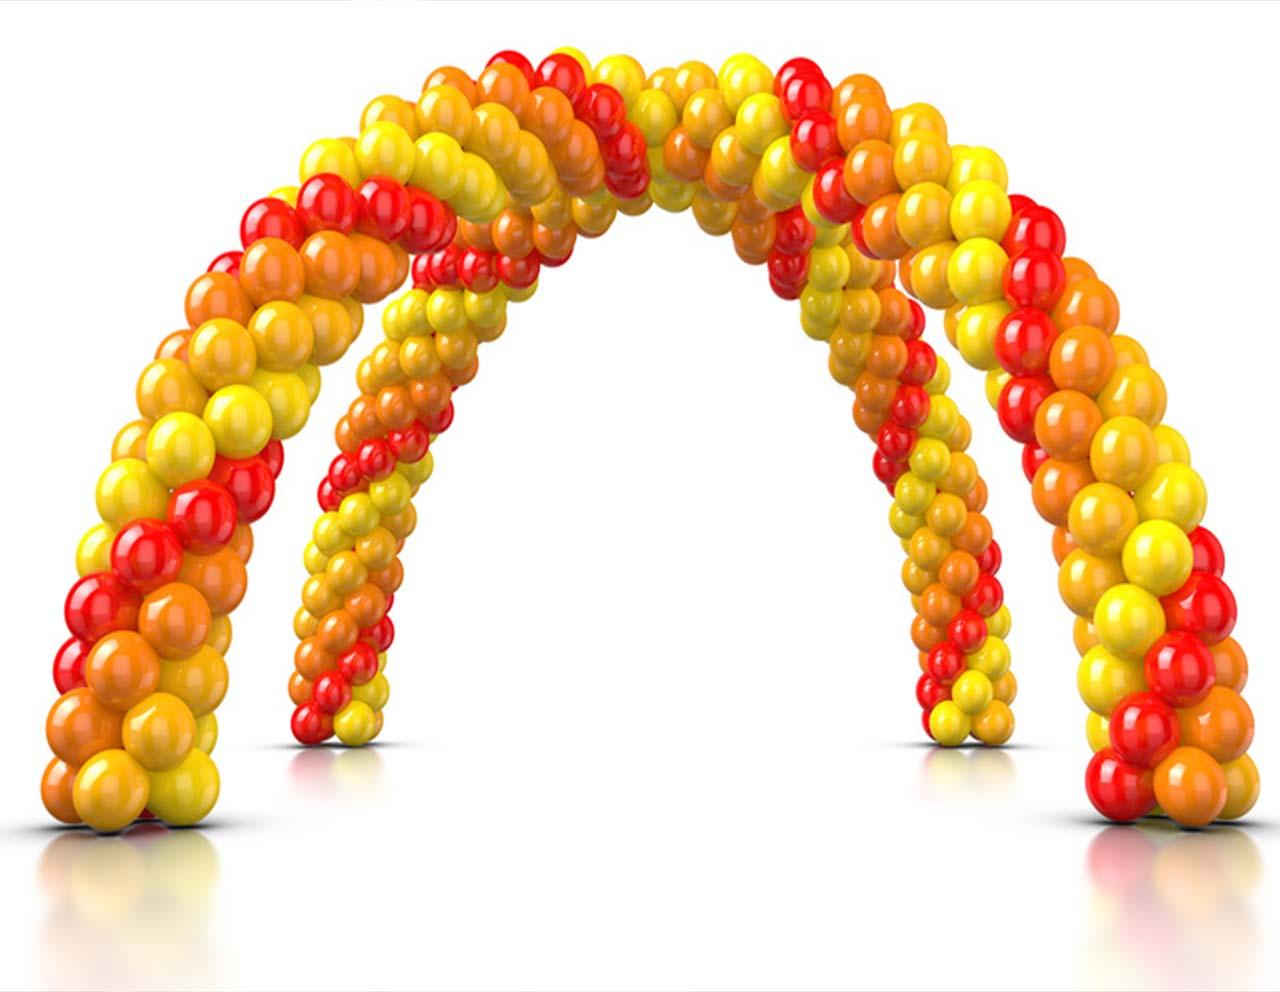 Arches et grappes de ballons - Décoration Ballons et diverses pour vos festivités en Hautes Pyrénées (65),Gers (32), Landes (40) et Pyrénées-Atlantiques (64)